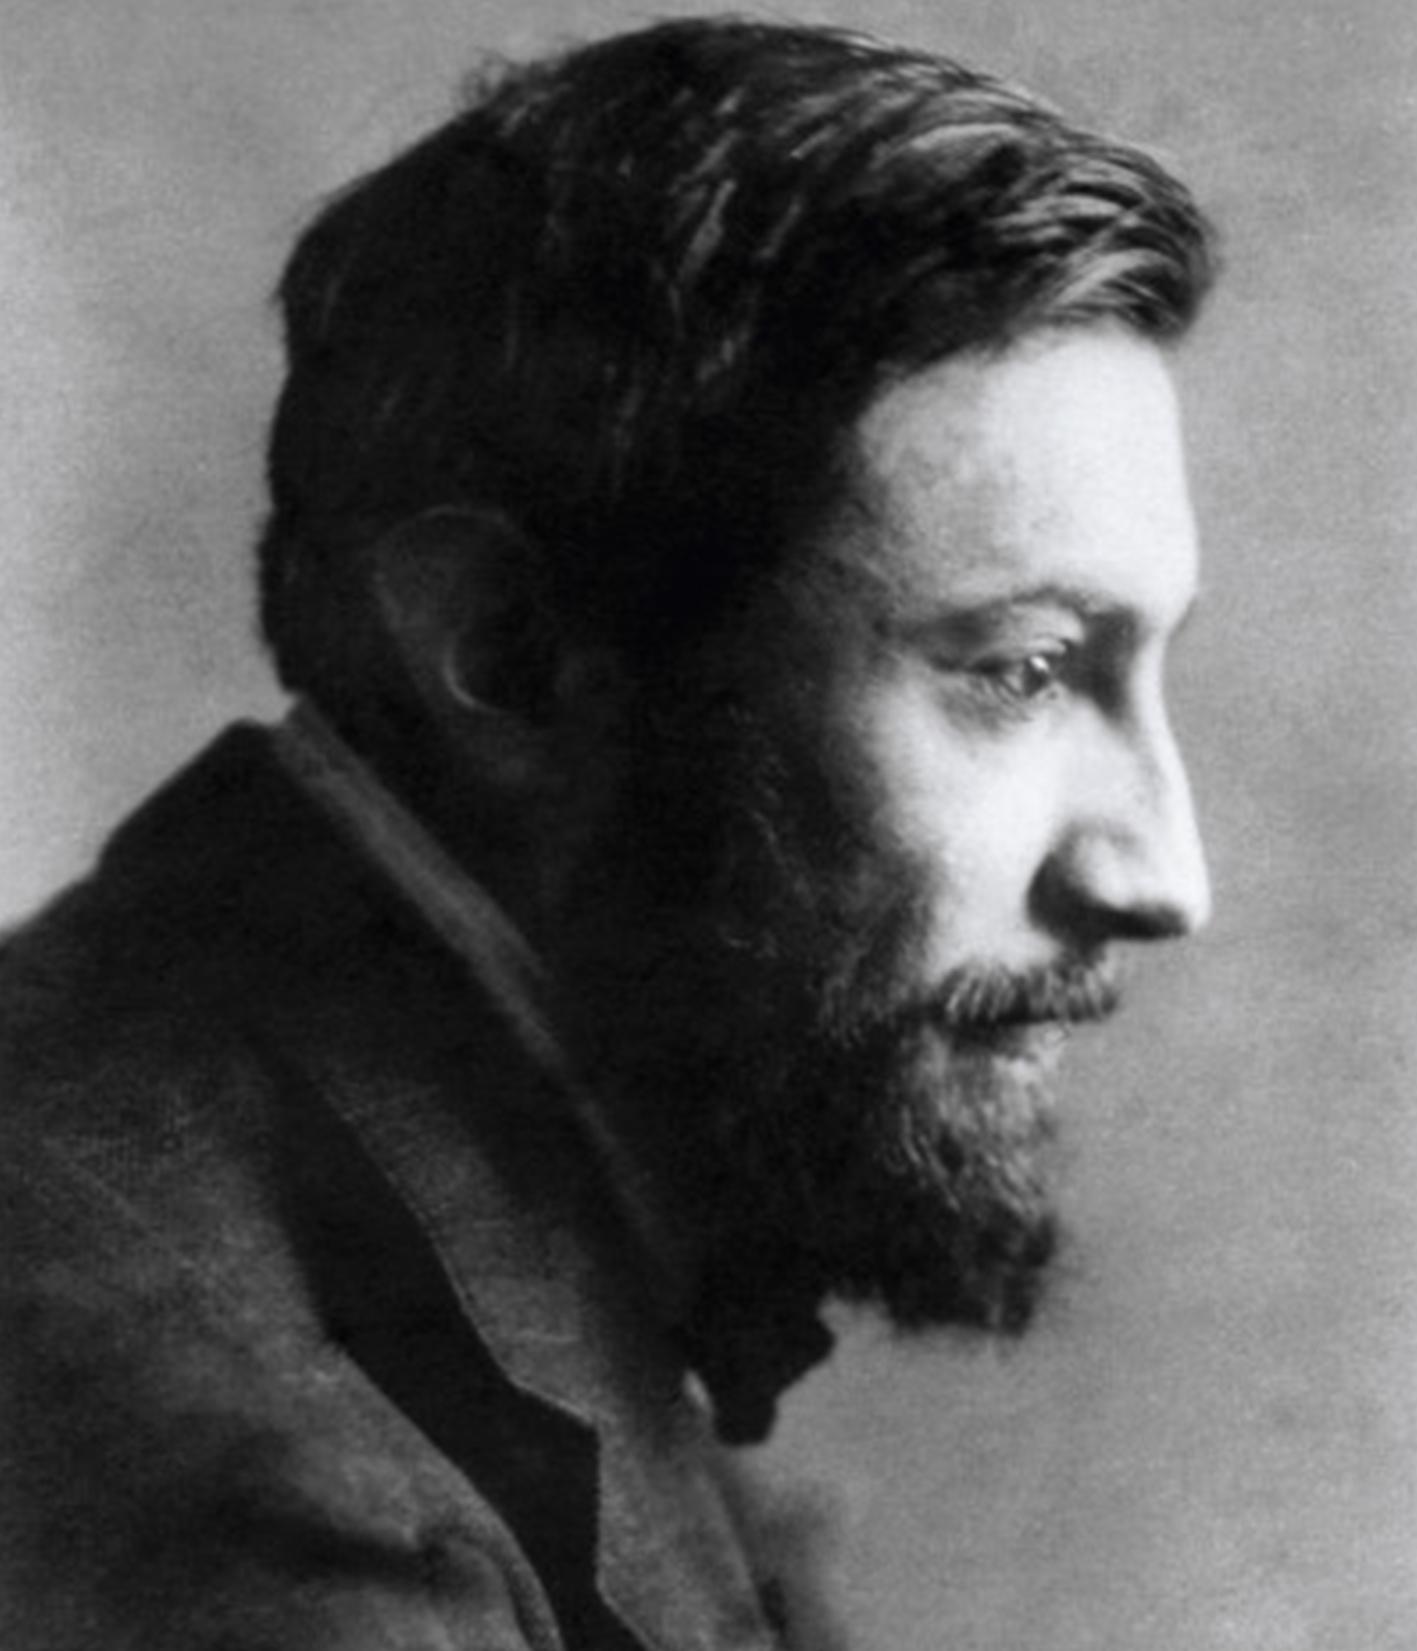 Otto Blümel